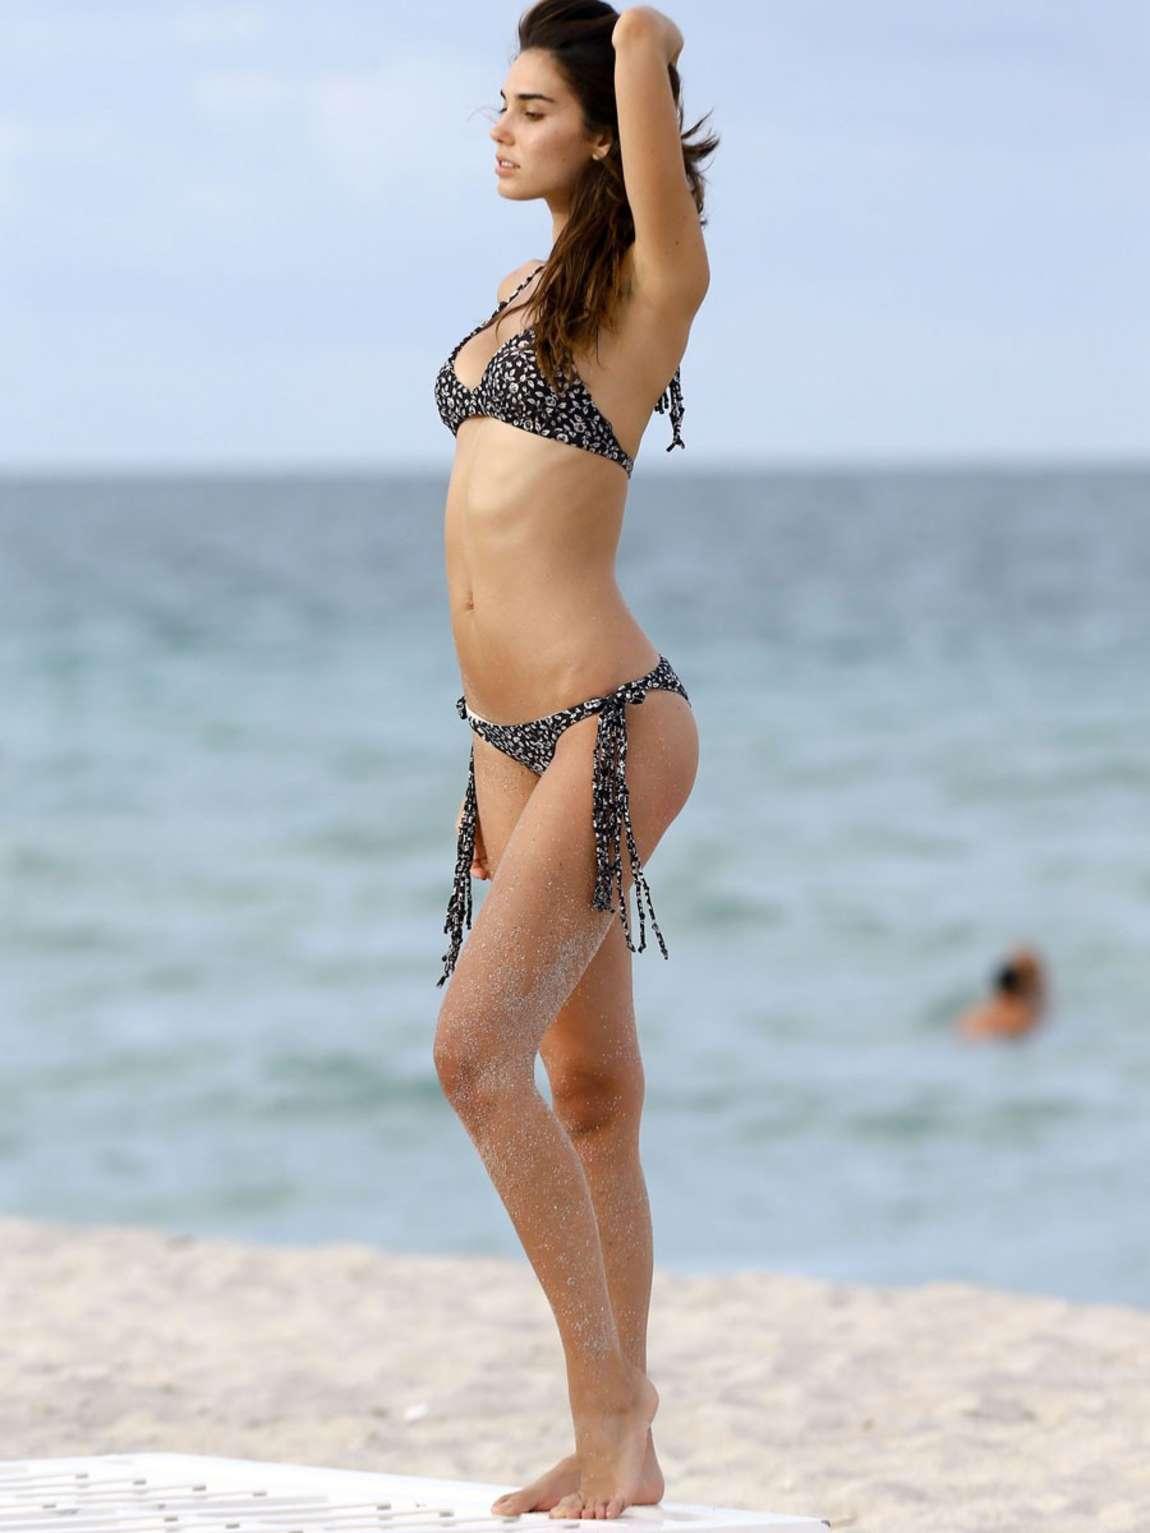 ICloud Rachel Vallori naked (69 photos), Ass, Hot, Boobs, braless 2019